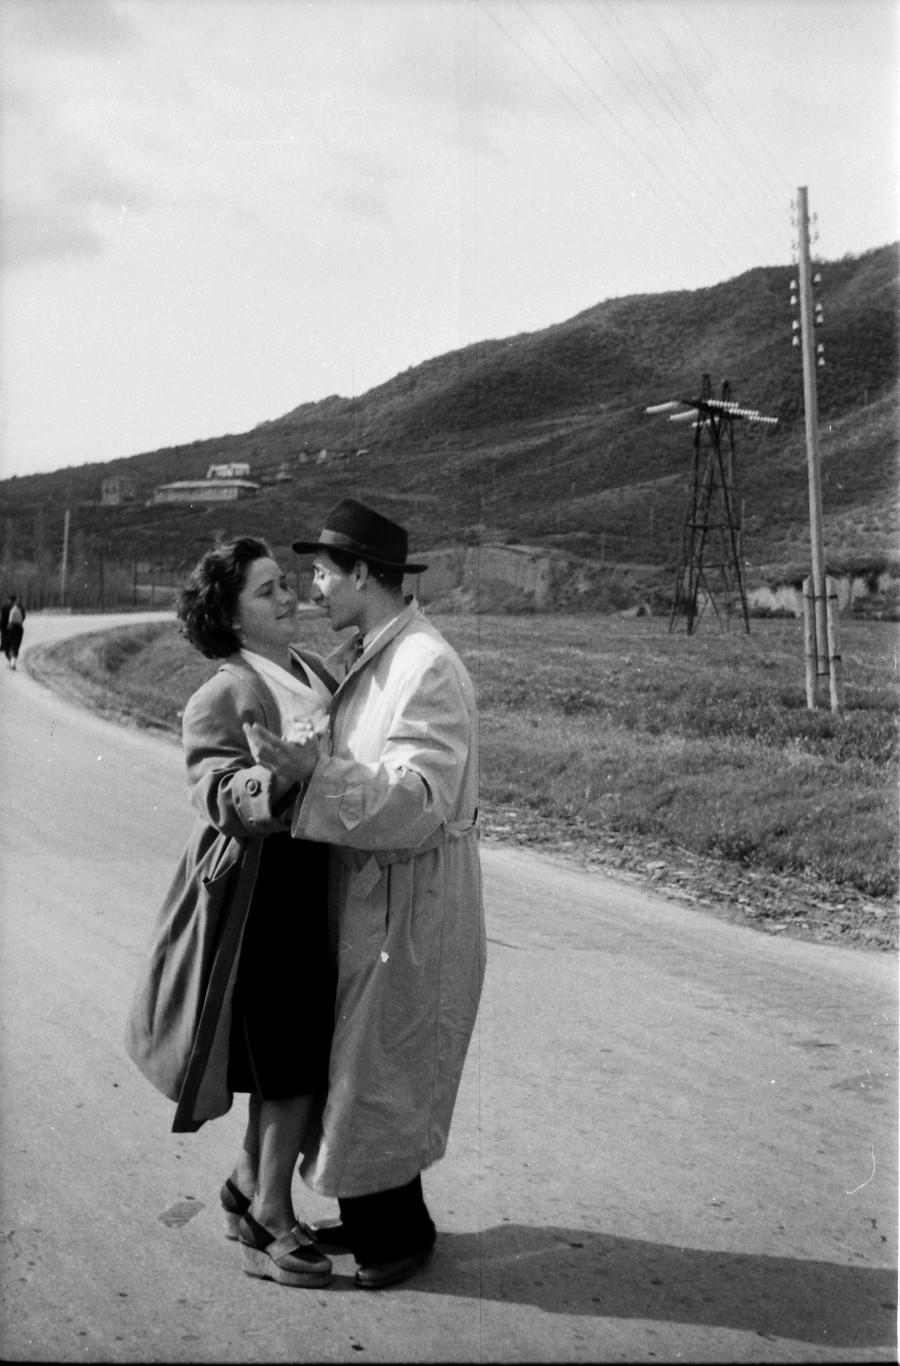 რეზო კეზელის ფოტო. 1960-იანი წლები. გურამ წიბახაშვილის პირადი არქივი.